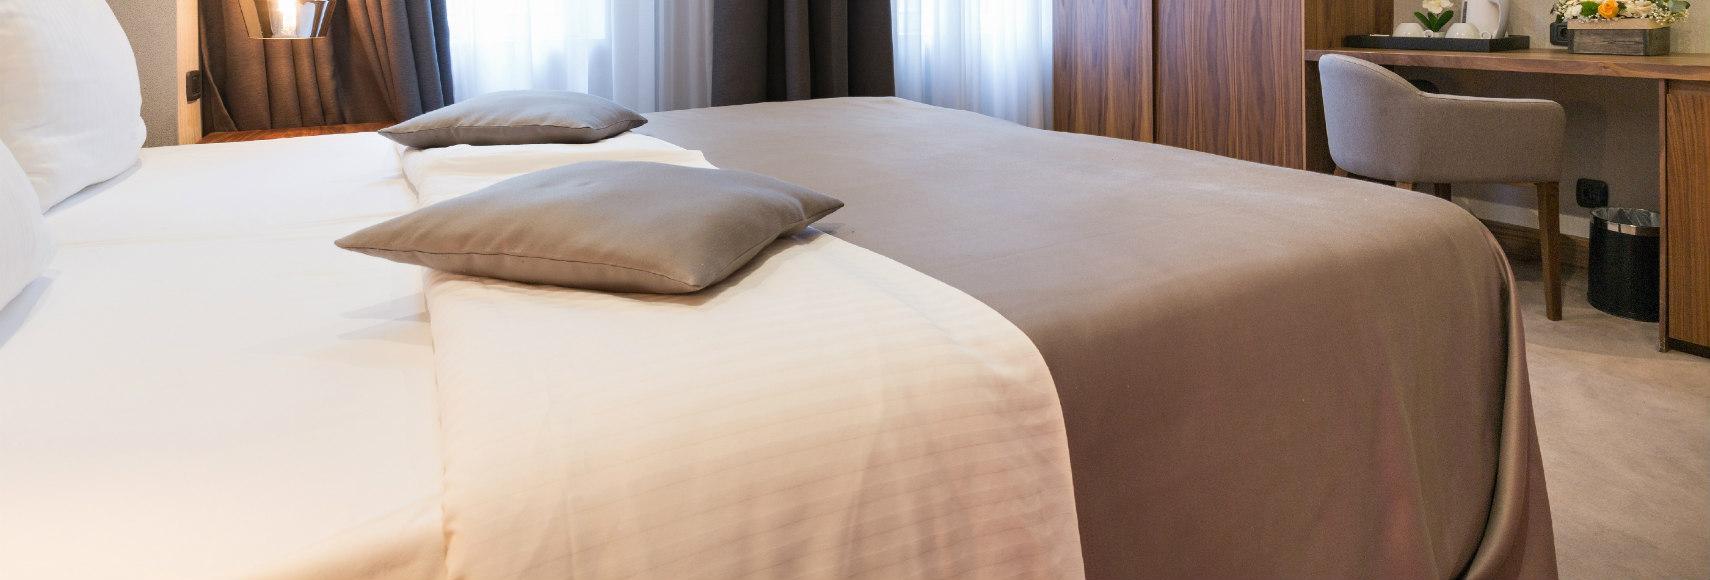 hotelmatras kopen online